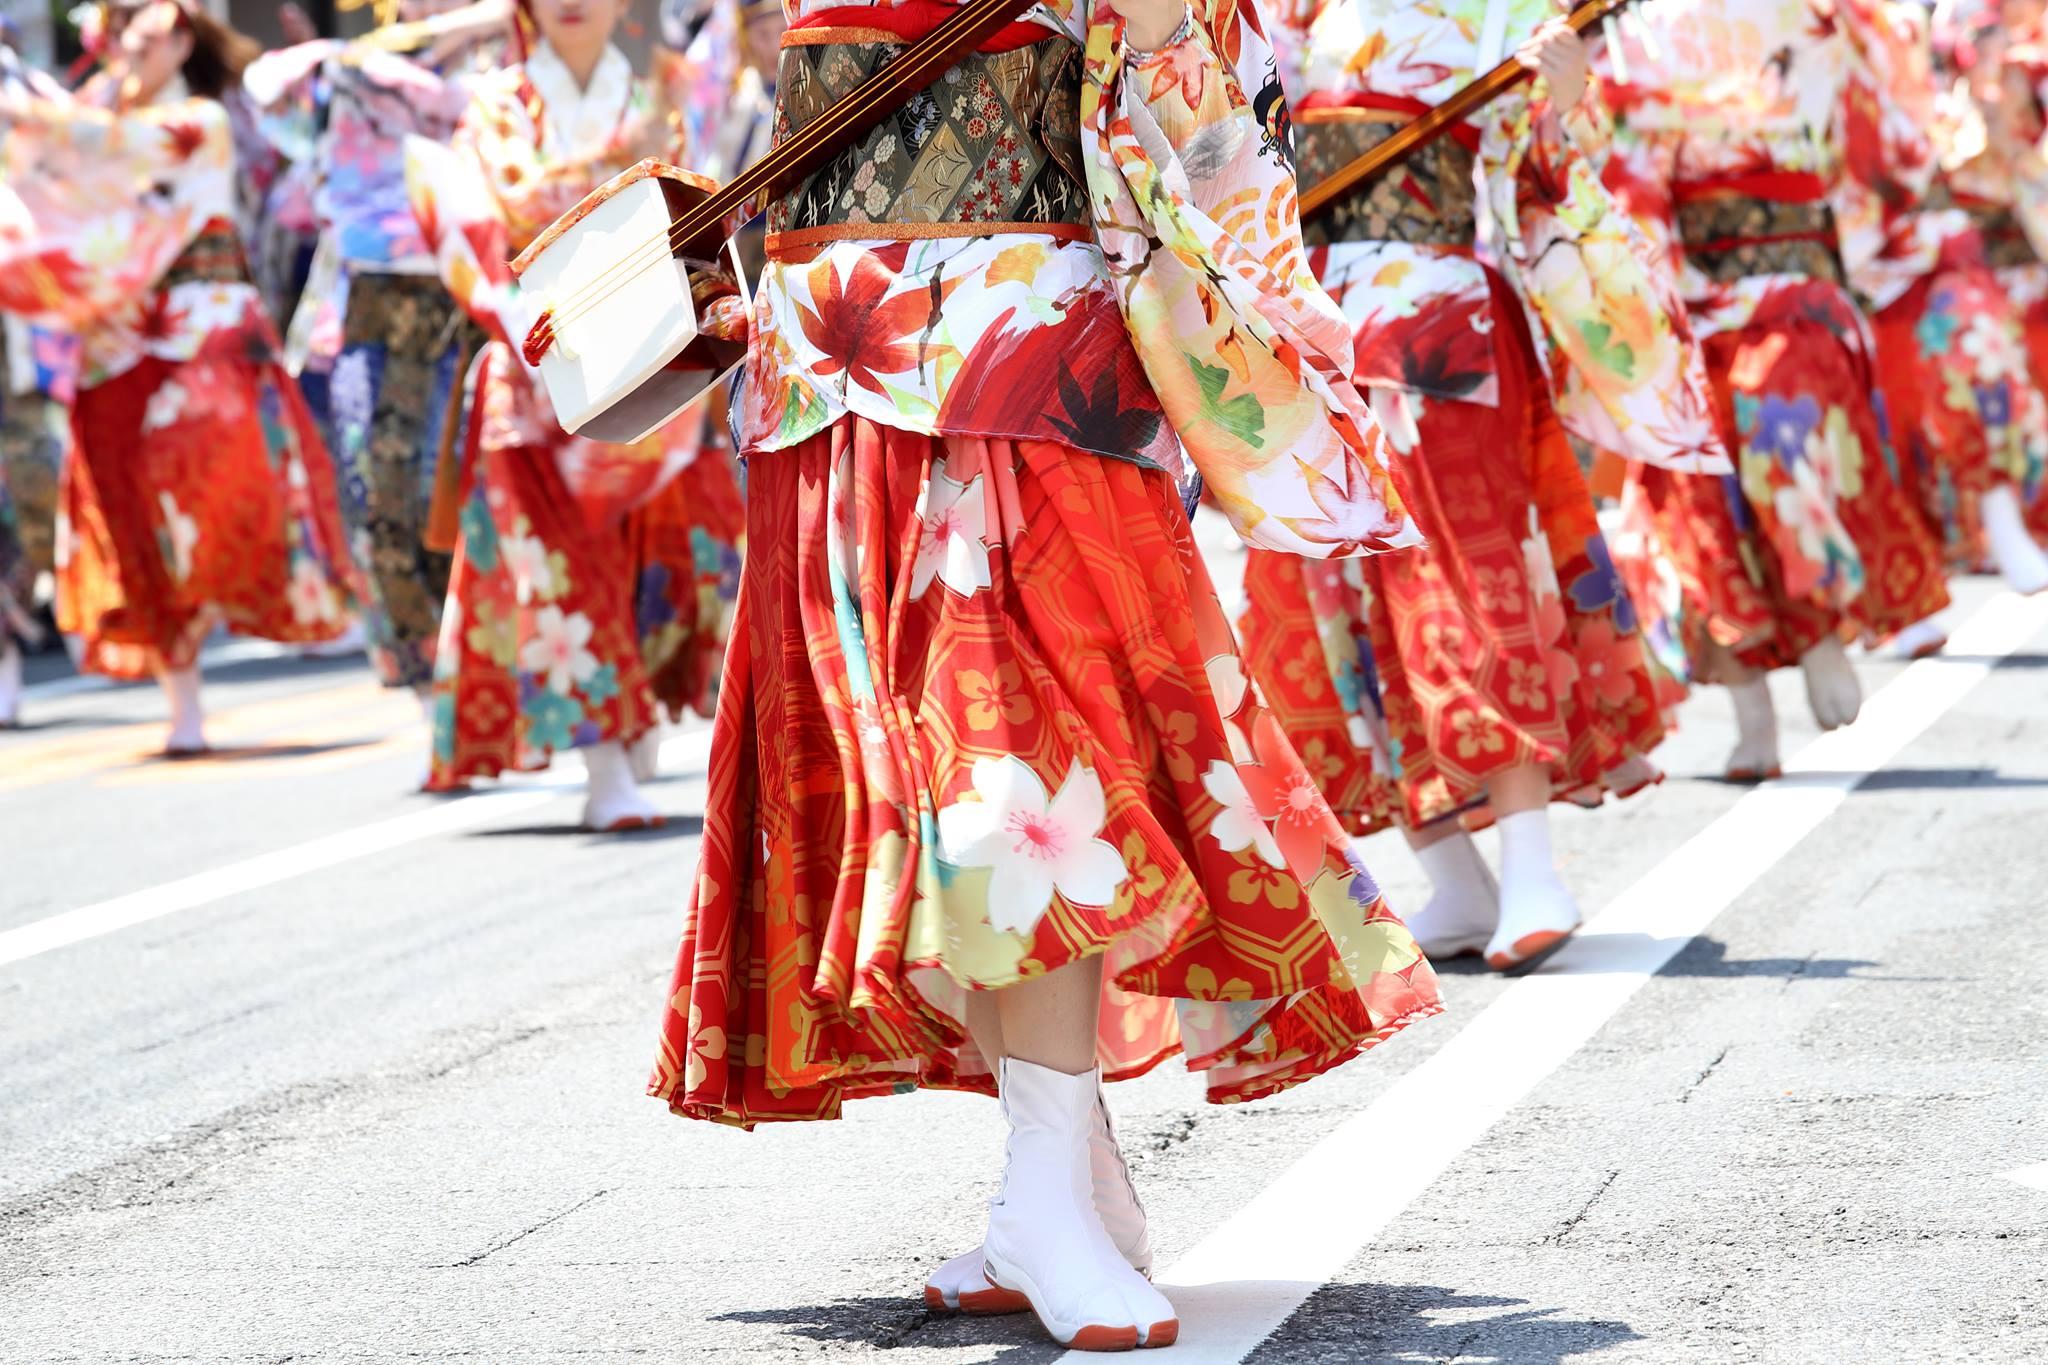 2019 OC Cherry Blossom Festival